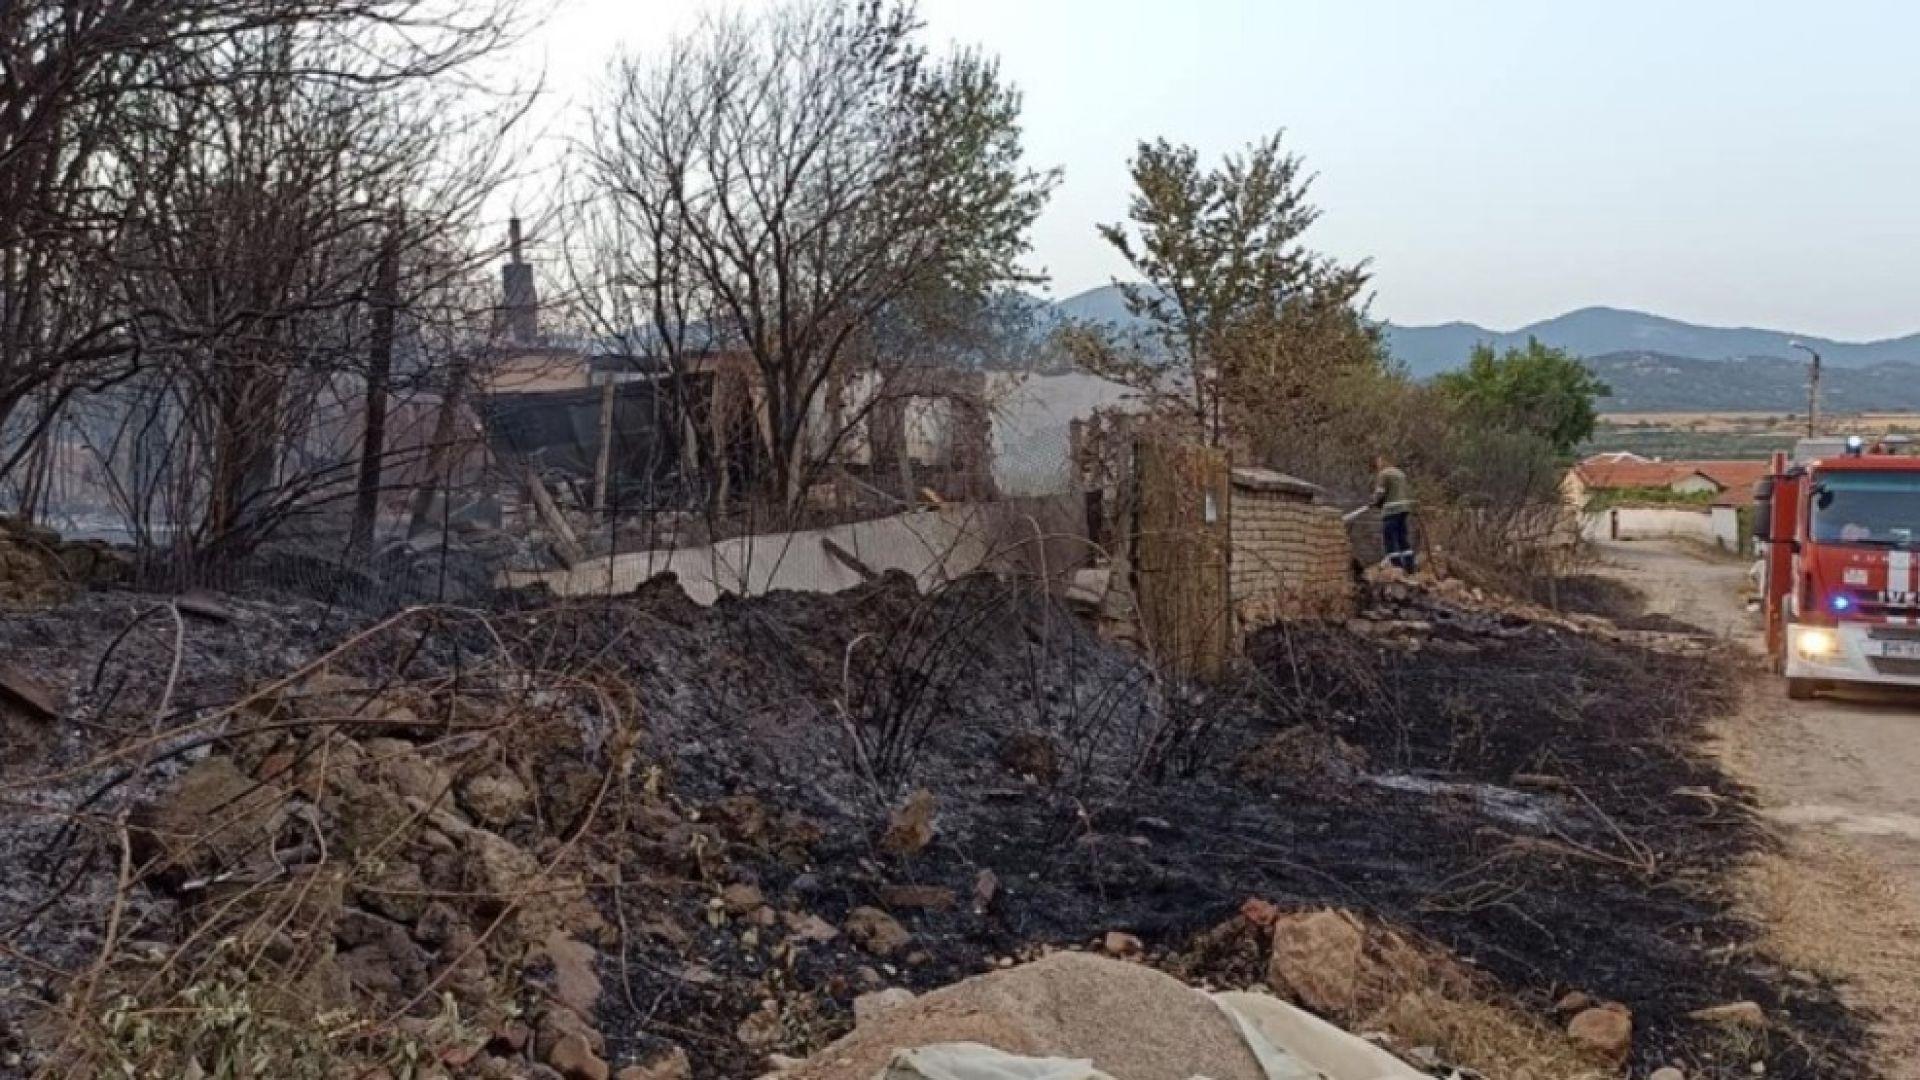 Траур в 3 общини заради загиналите лесничеи. Старосел е спасен, но 6 къщи изгоряха